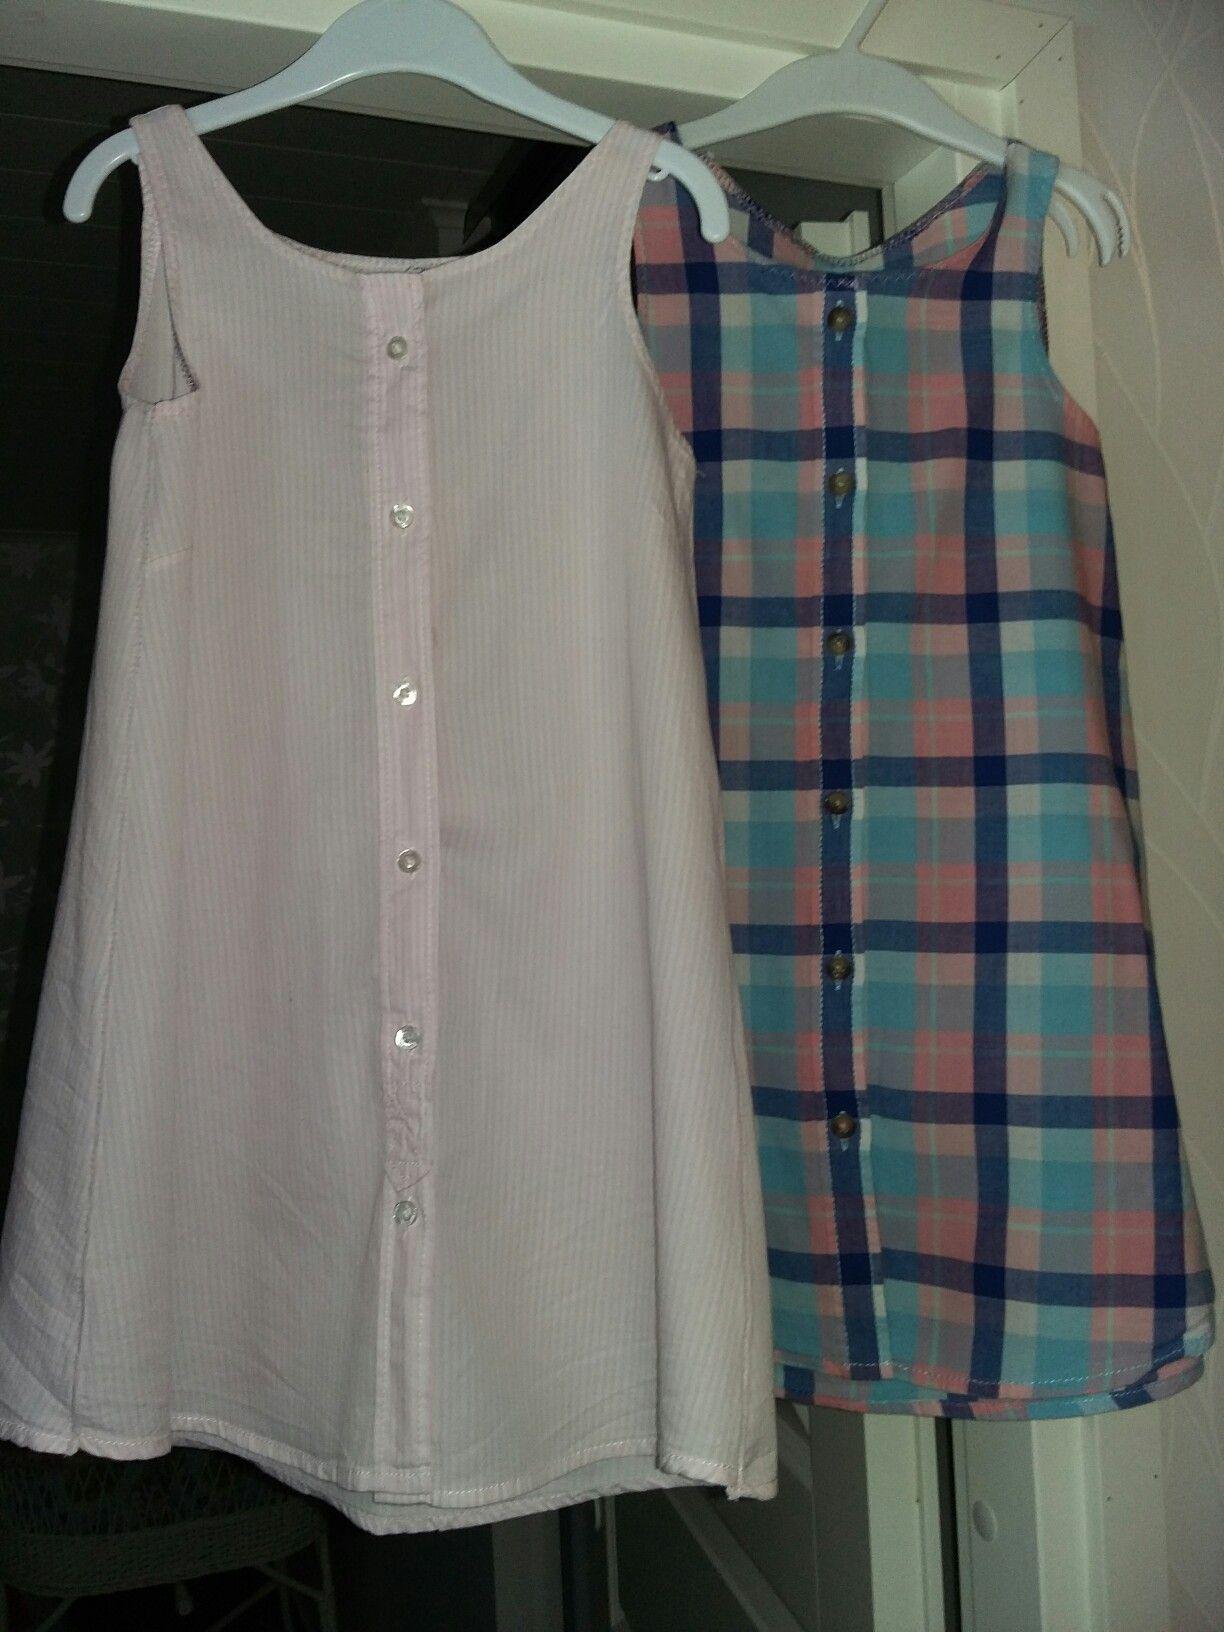 Vanhoista pieneksi jääneistä paidoista 2 vuotiaalle kesämekoksi